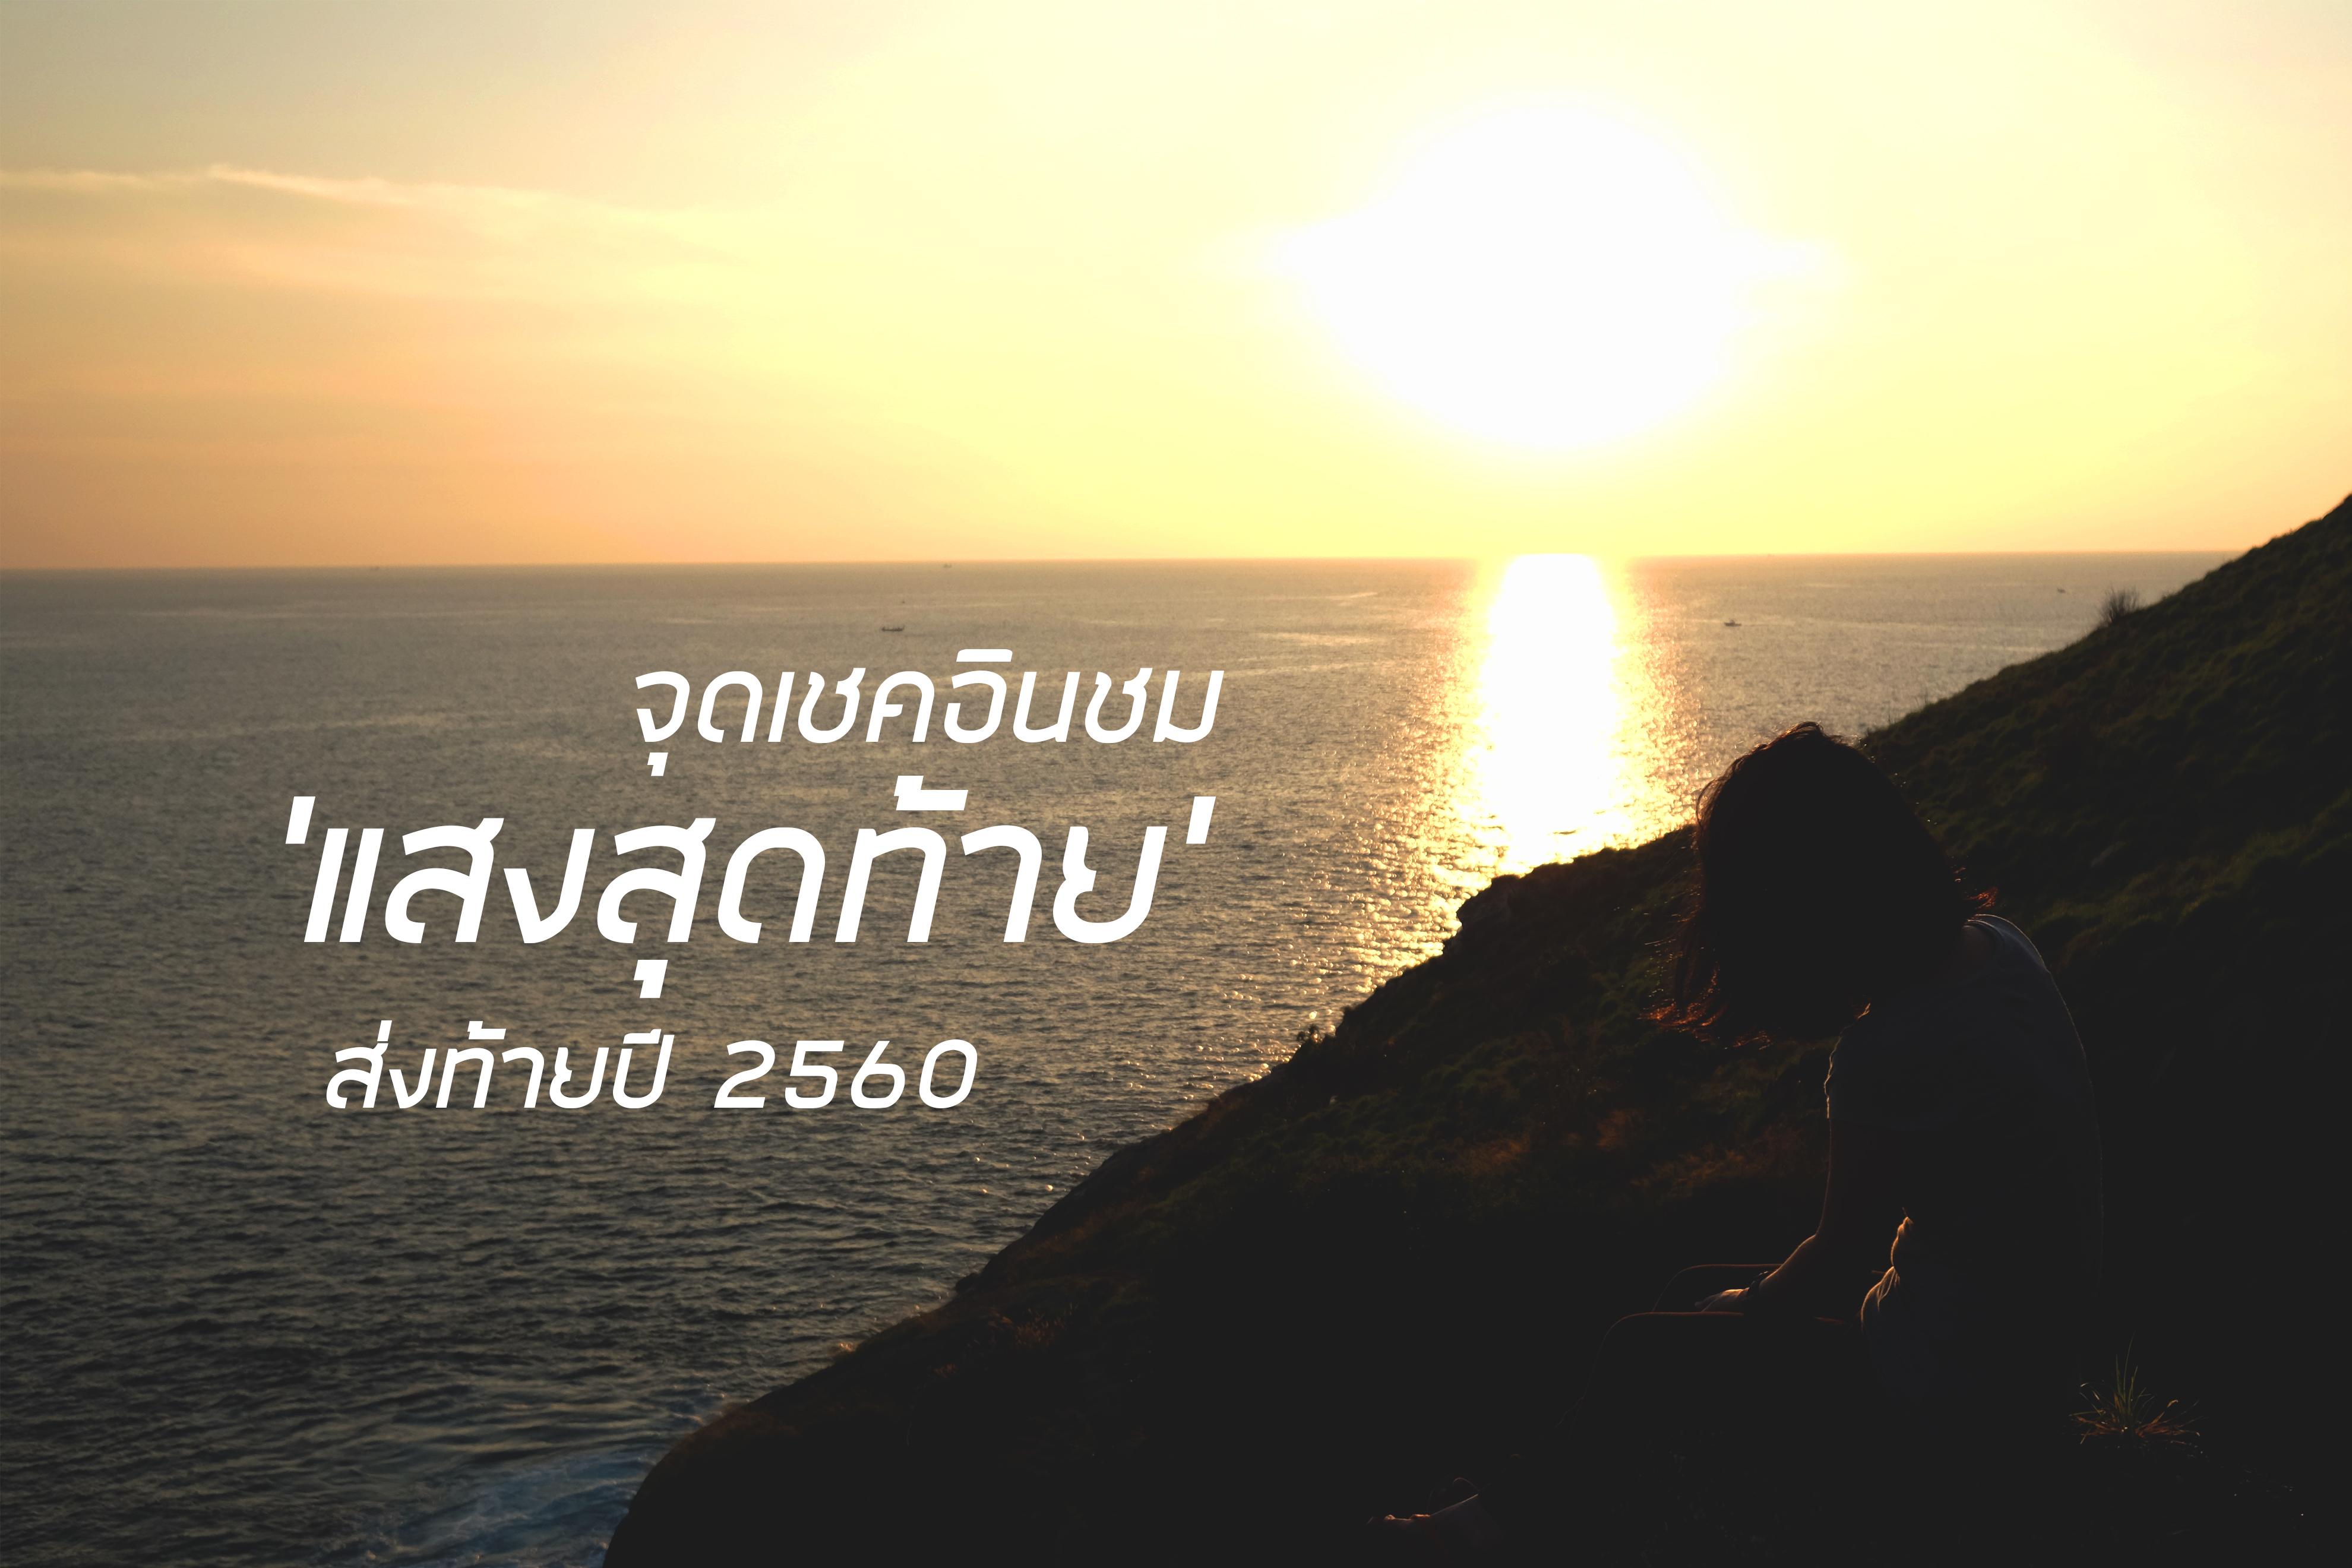 จุดเชคอินชม 'แสงสุดท้าย' ส่งท้ายปี 2560-2